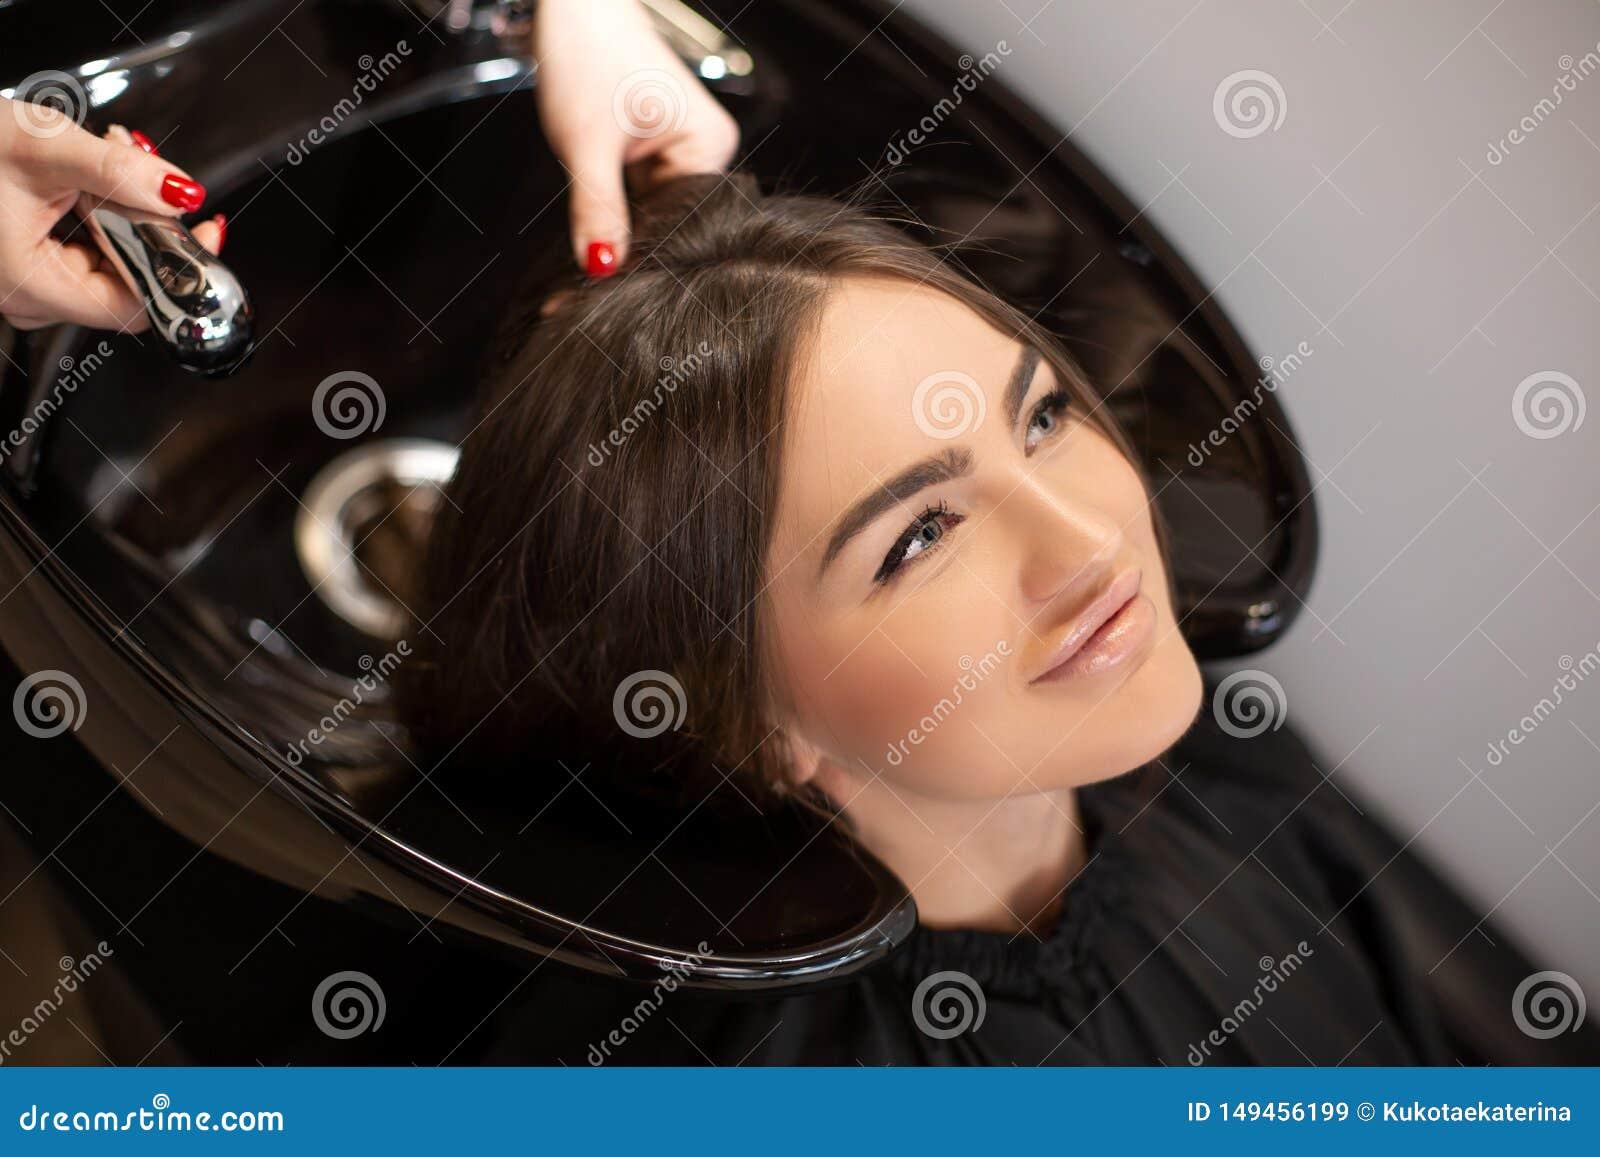 O mestre do corte de cabelo lava o cabelo de seu cliente teve